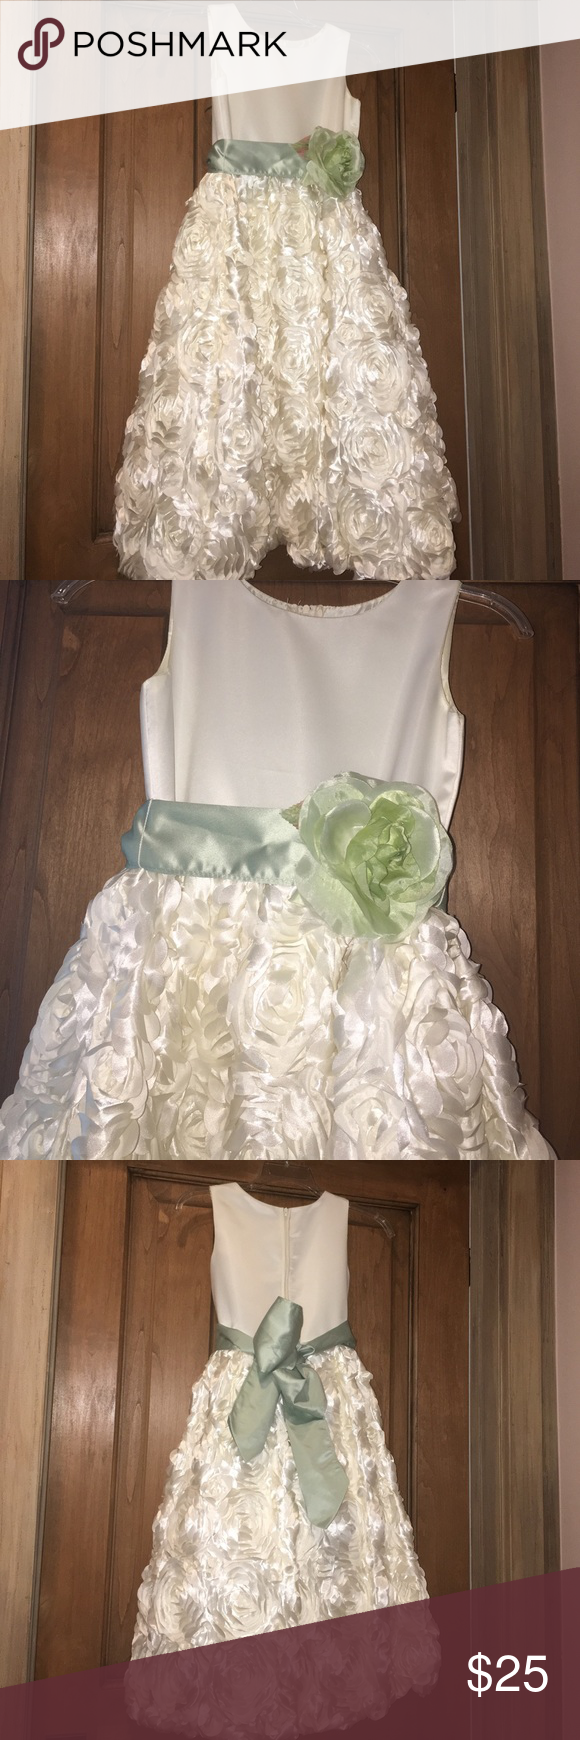 Flower girl dress green satin flower girl dresses and dress formal